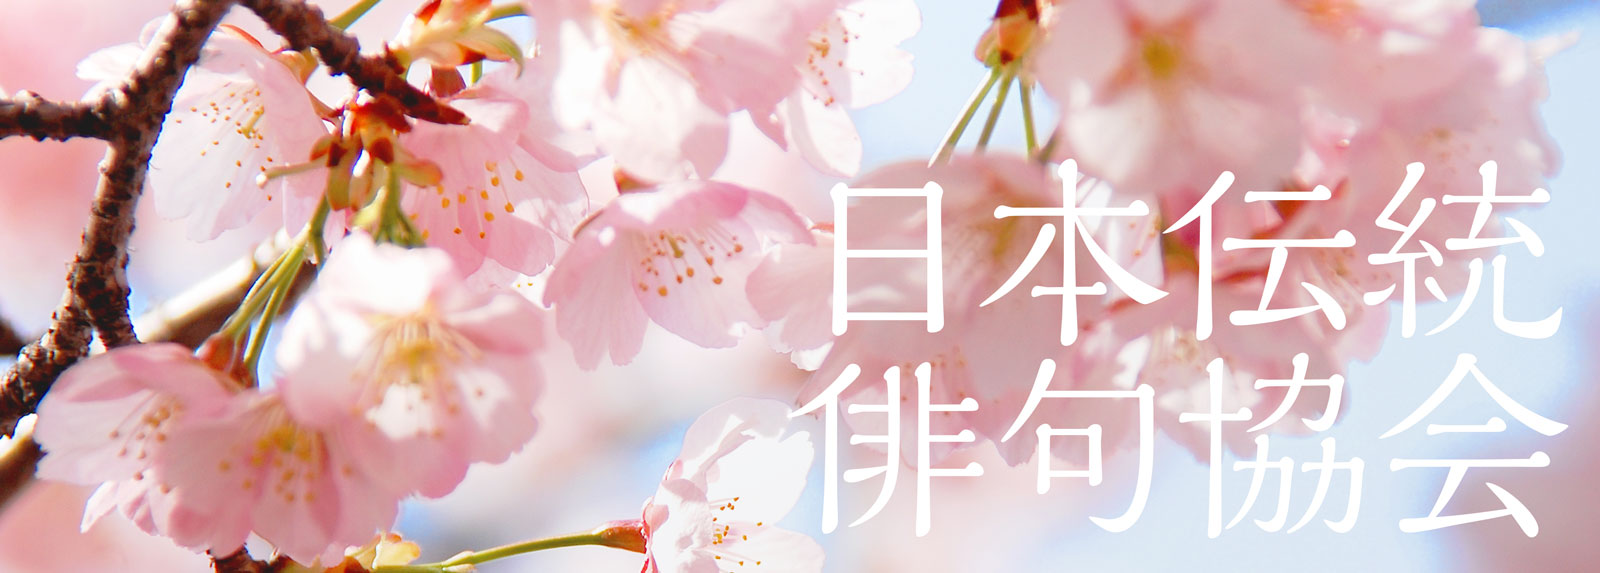 日本伝統俳句協会